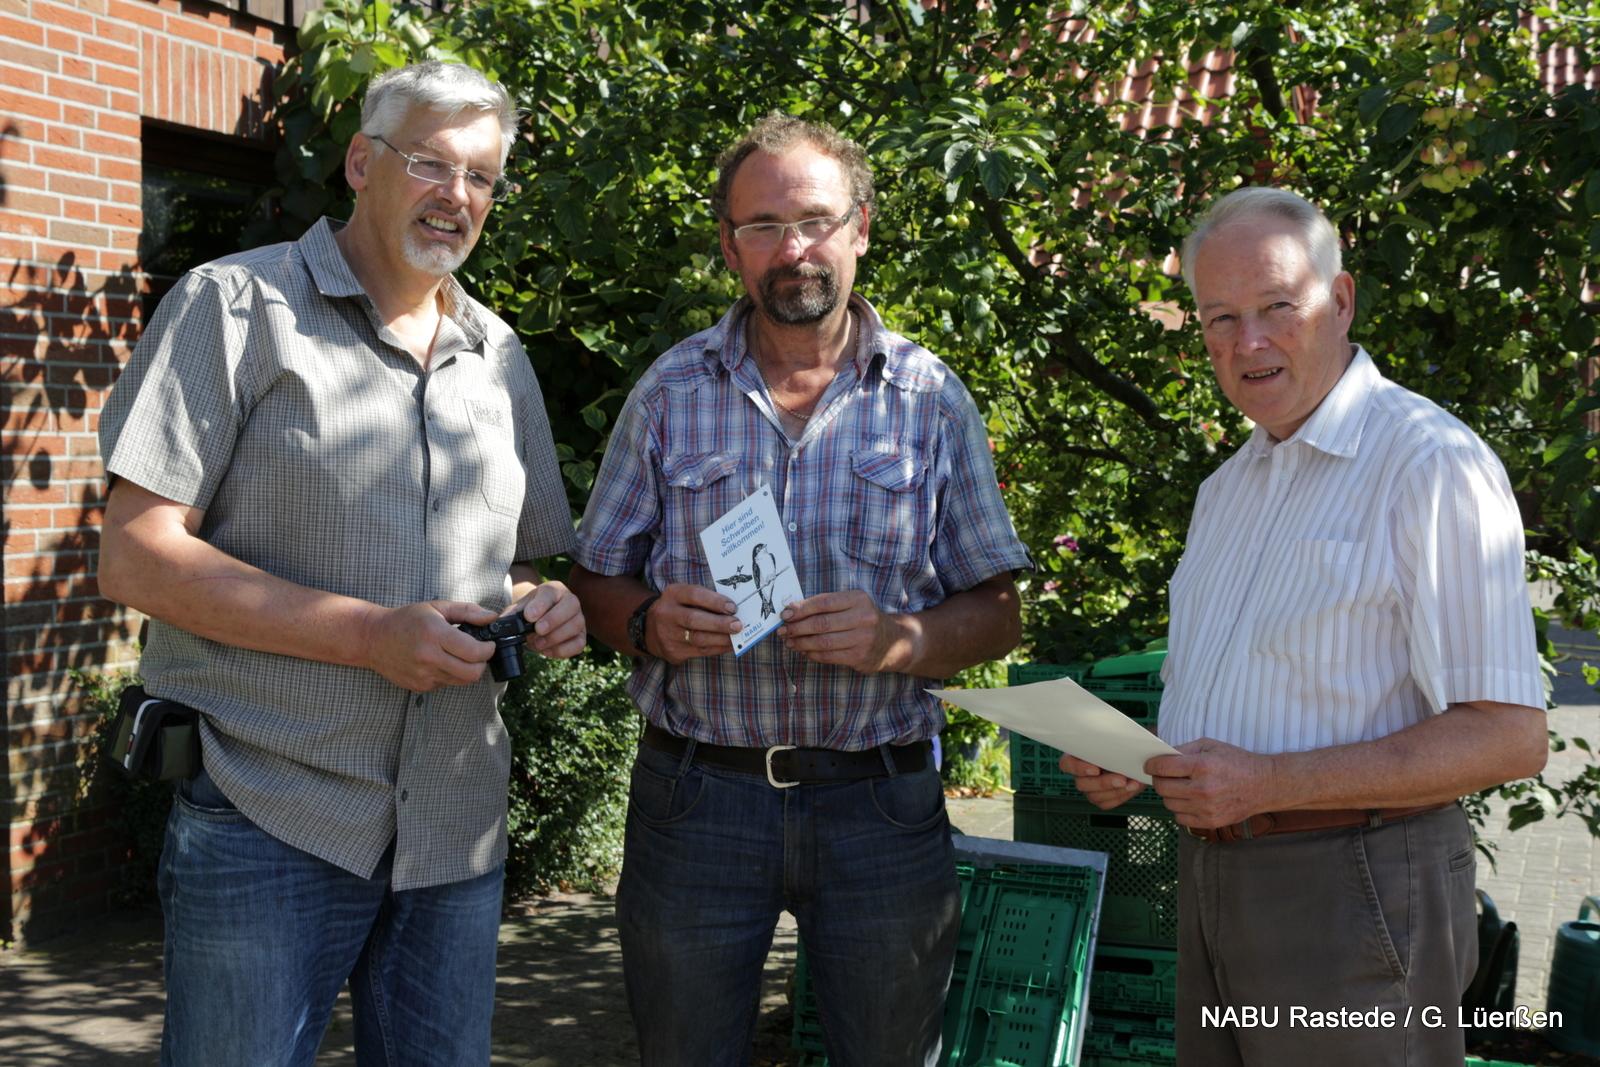 19.08.2016: Übergabe der Urkunde an Herrn Steenken